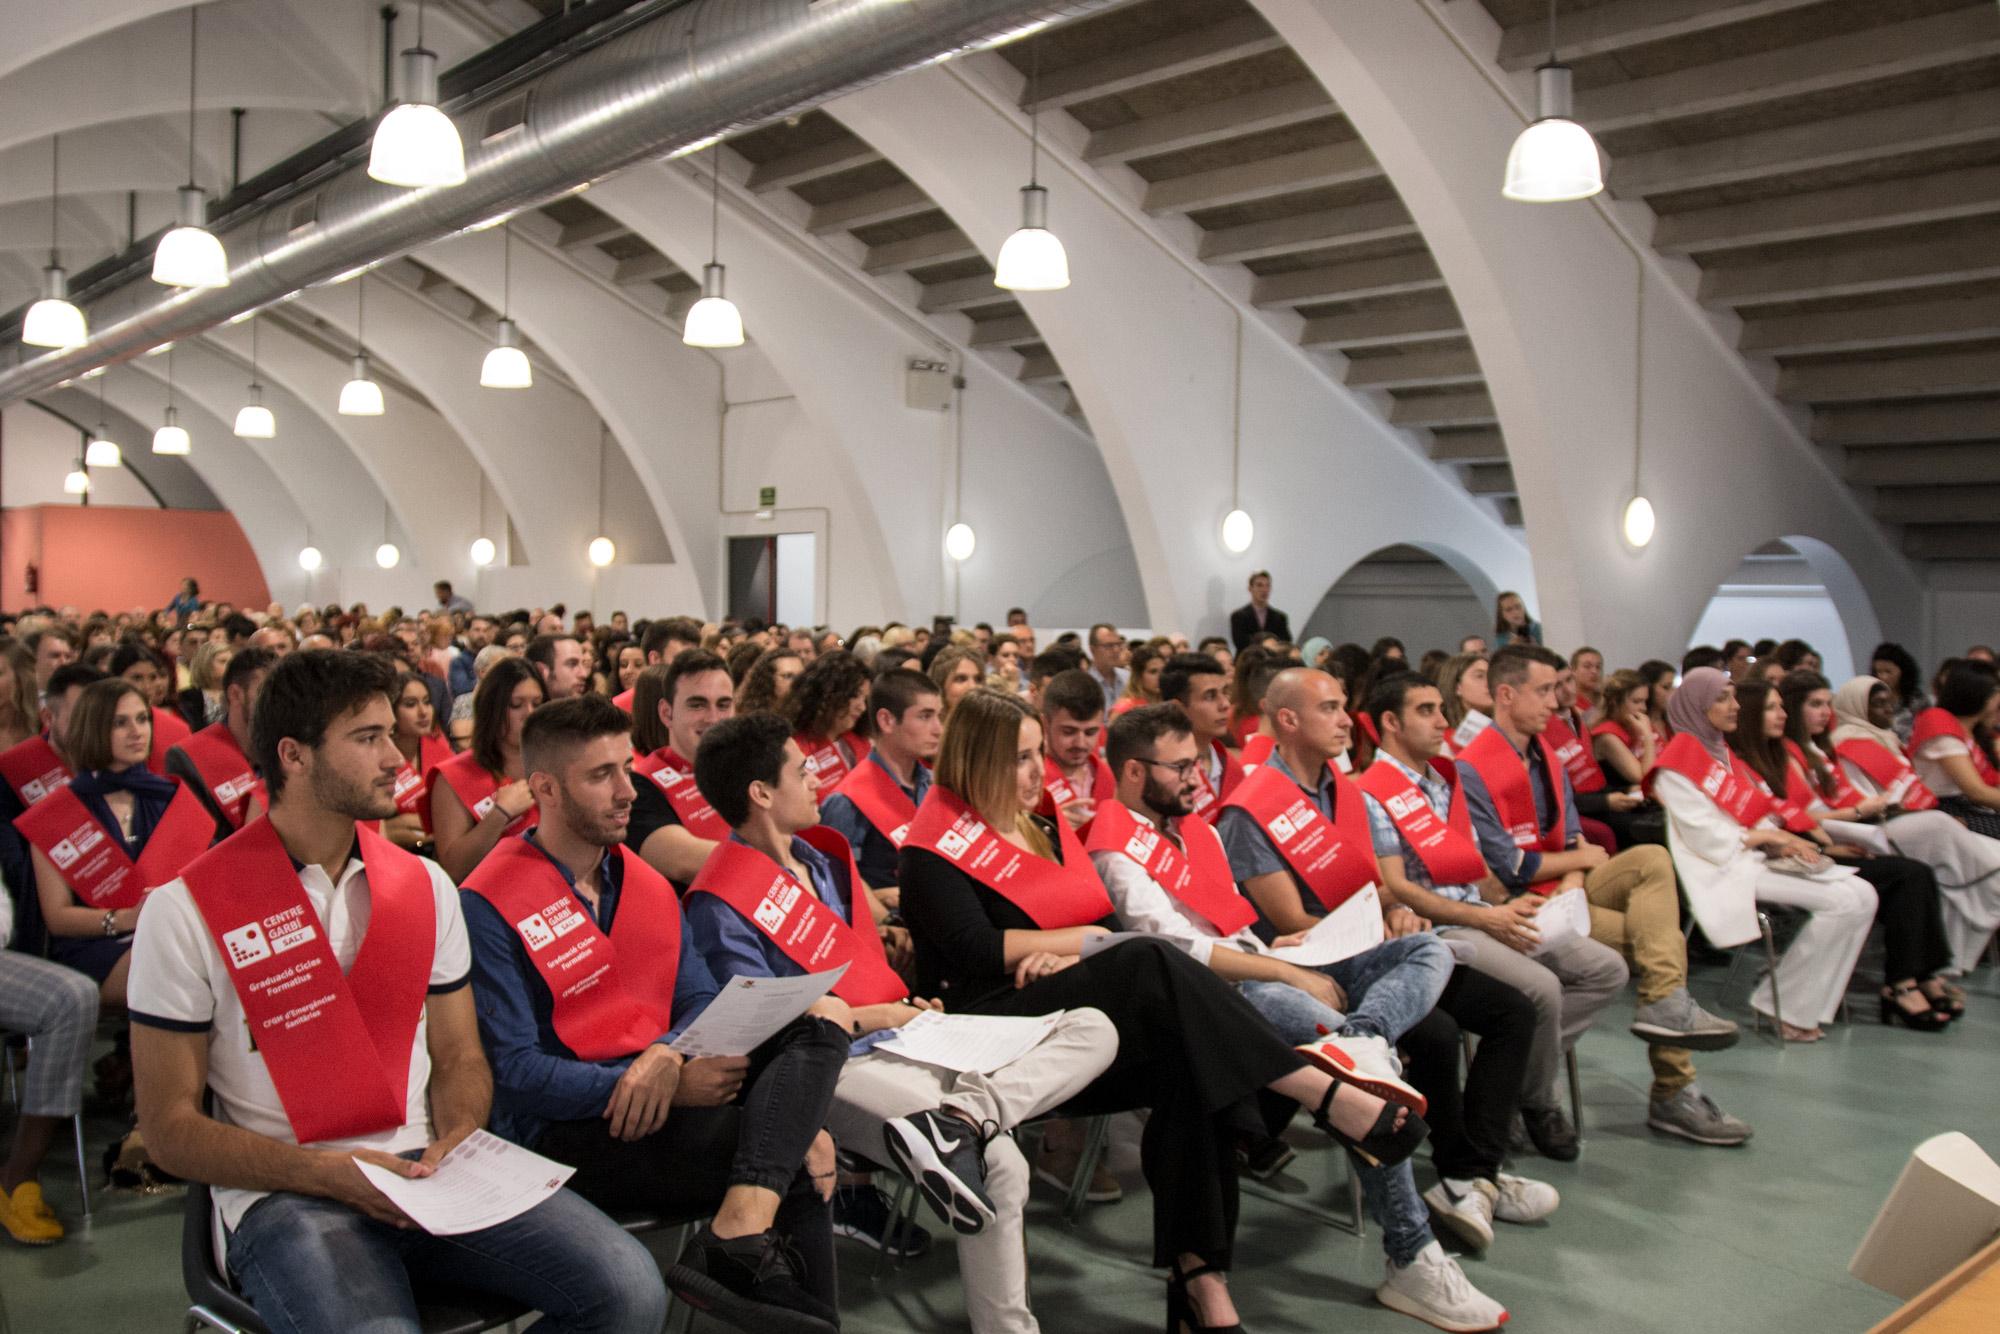 El Centre Privat Garbí celebra l'Acte de Graduació dels seus cicles formatius:Dietètica, Anatomia Patològica i Citodiagnòstic, Imatge per al Diagnòstici Medicina Nuclear i Emergències Sanitàries